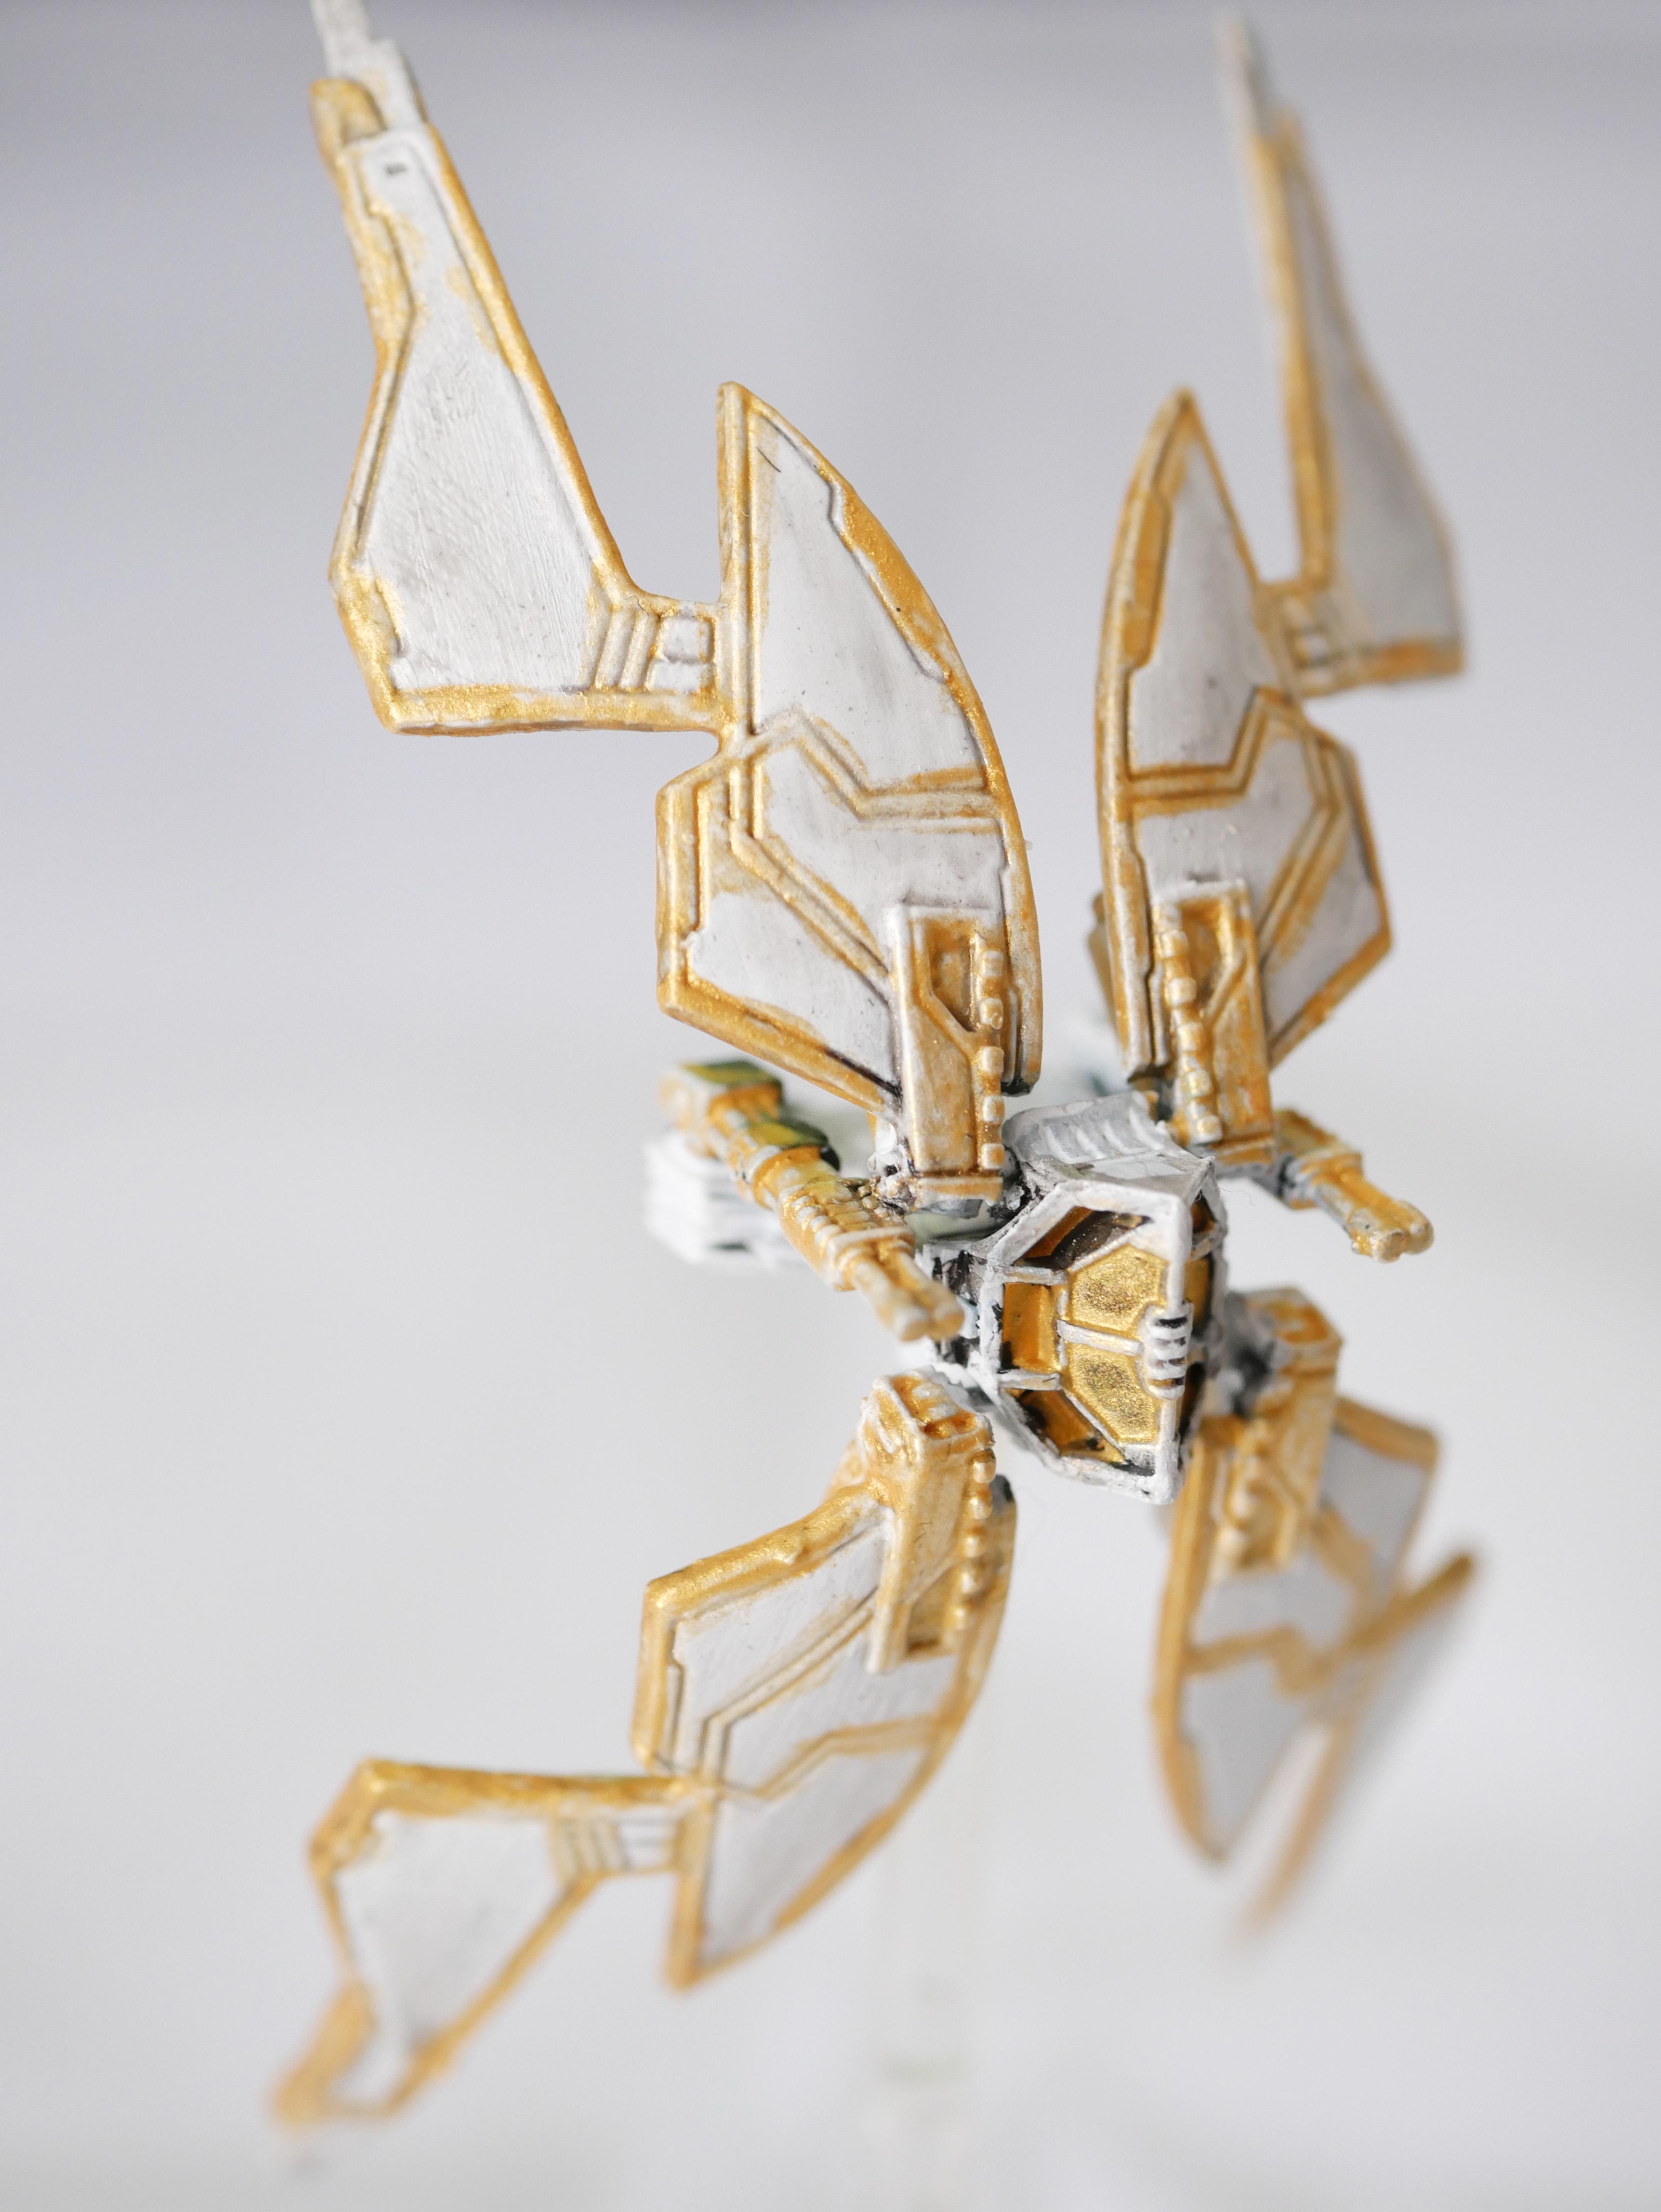 StarViper_Gold_Unfolded.jpg